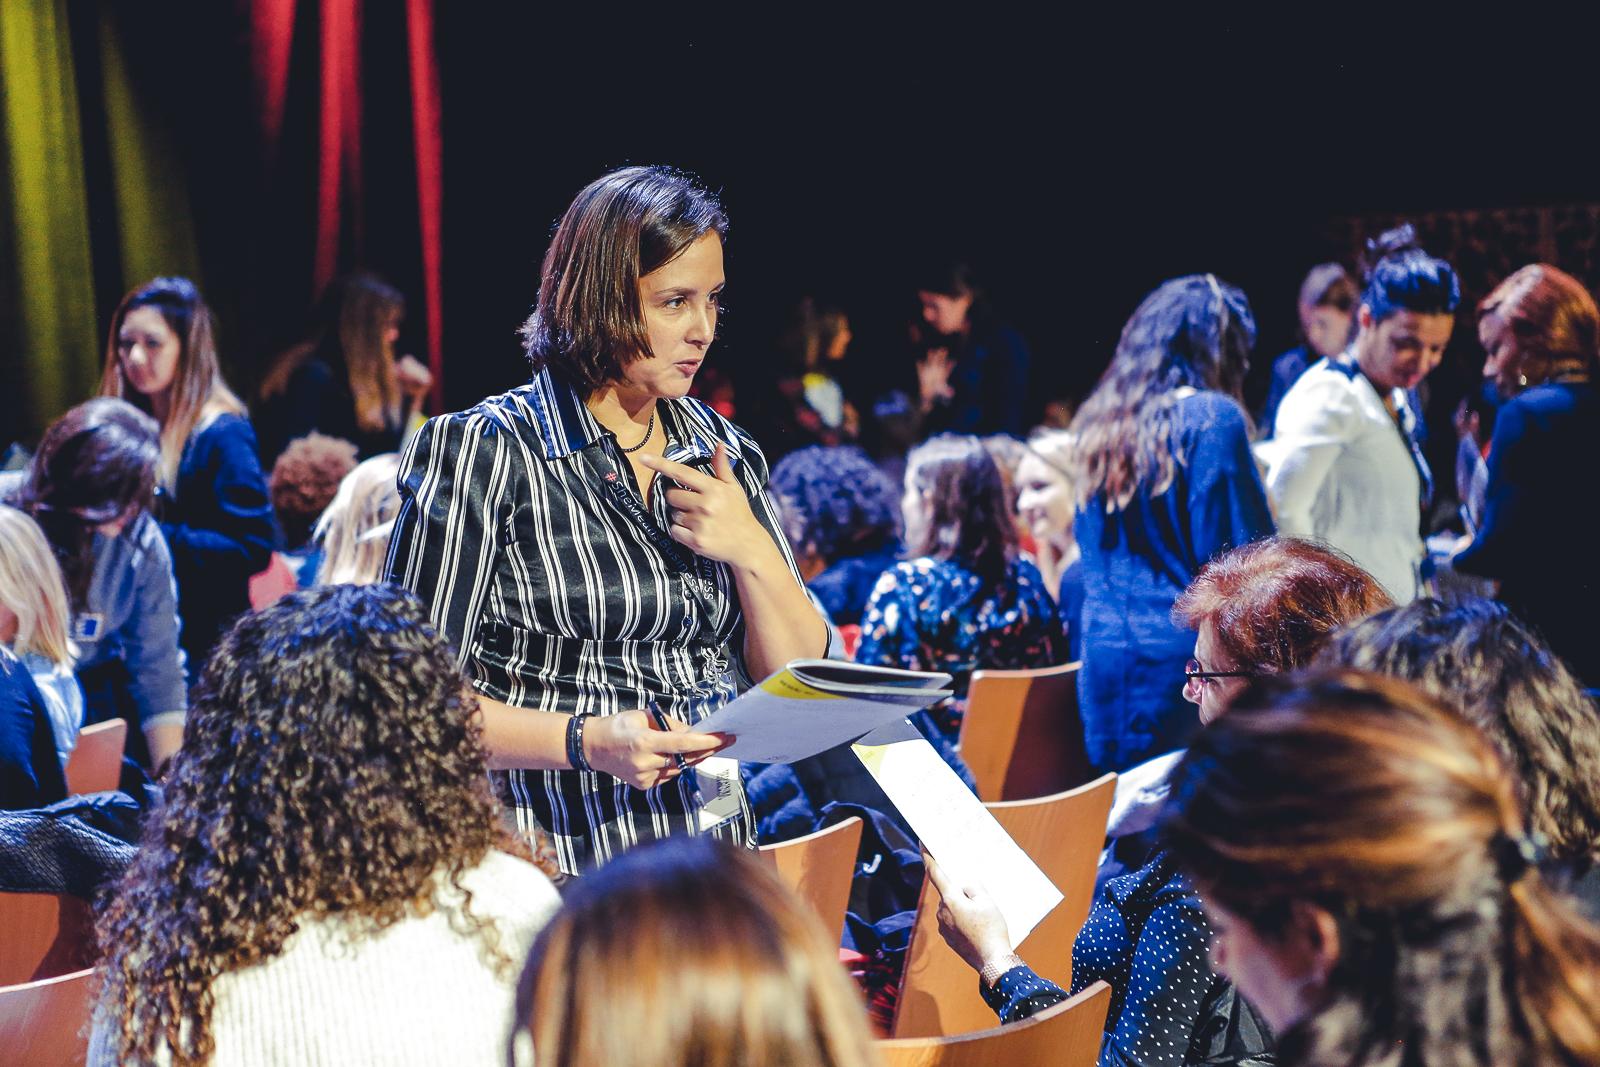 Les RDV de Zaïa croisent l'entrepreneuriat «Soigner la société par l'empowerment»